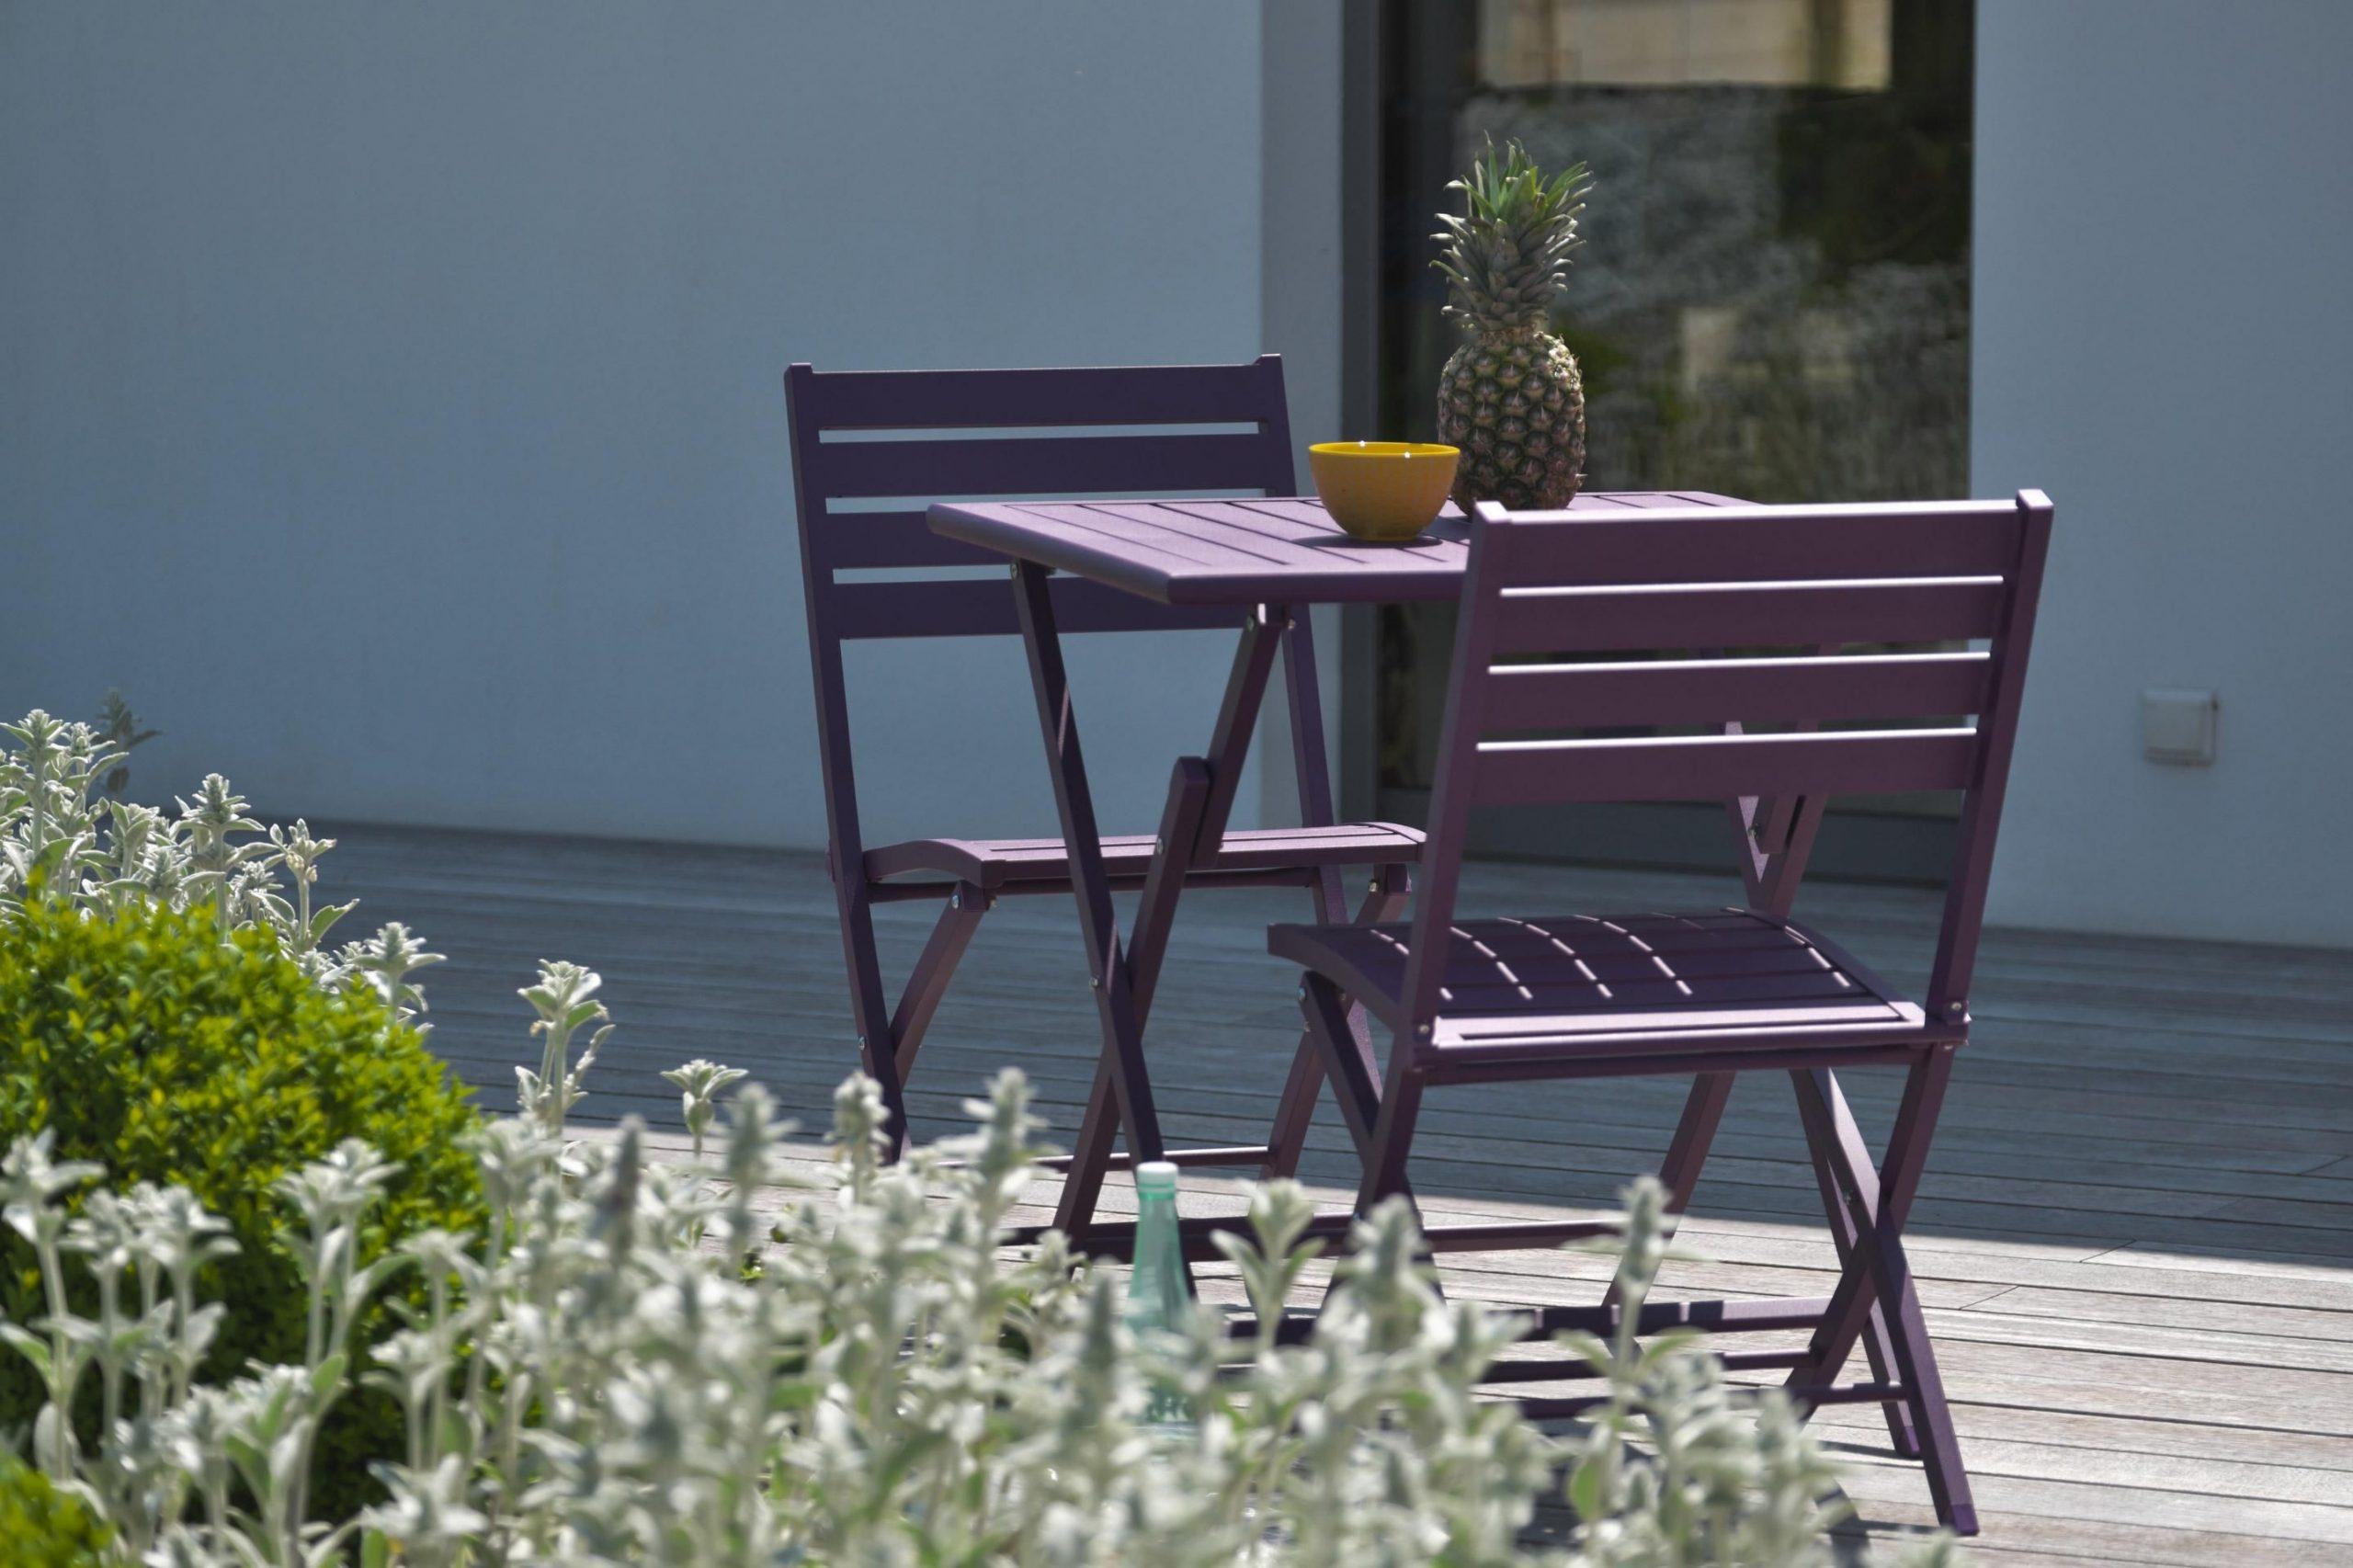 Table De Jardin De Repas Marius Carrée Aubergine 2 Personnes ... concernant Table De Jardin 2 Personnes